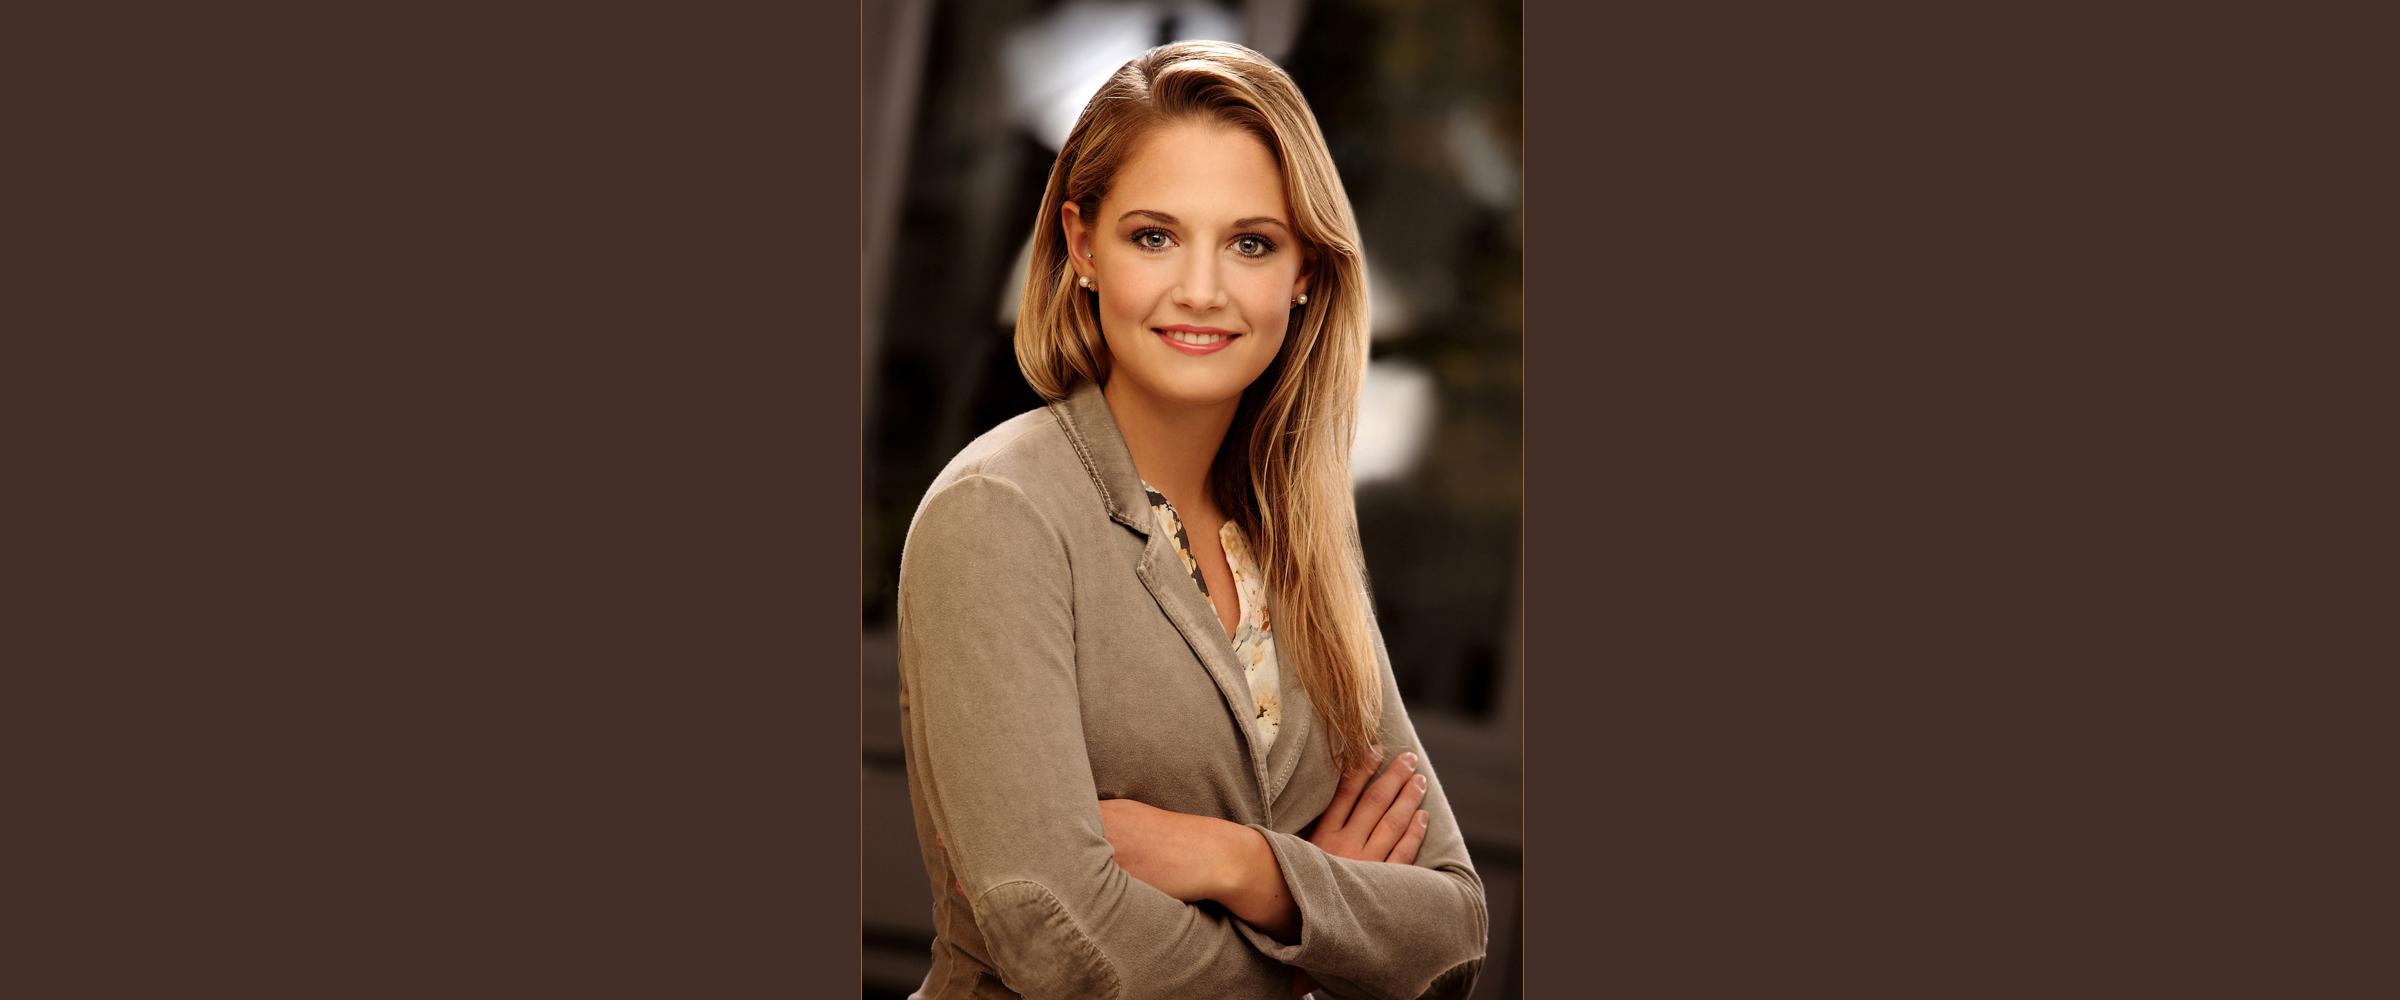 Bewerbungsfoto, Farbportrait einer jungen, blonden Frau mit freundlichem Gesichtsausdruck in legerem Jackett, die ihre Arme vor der Brust kreuzt.